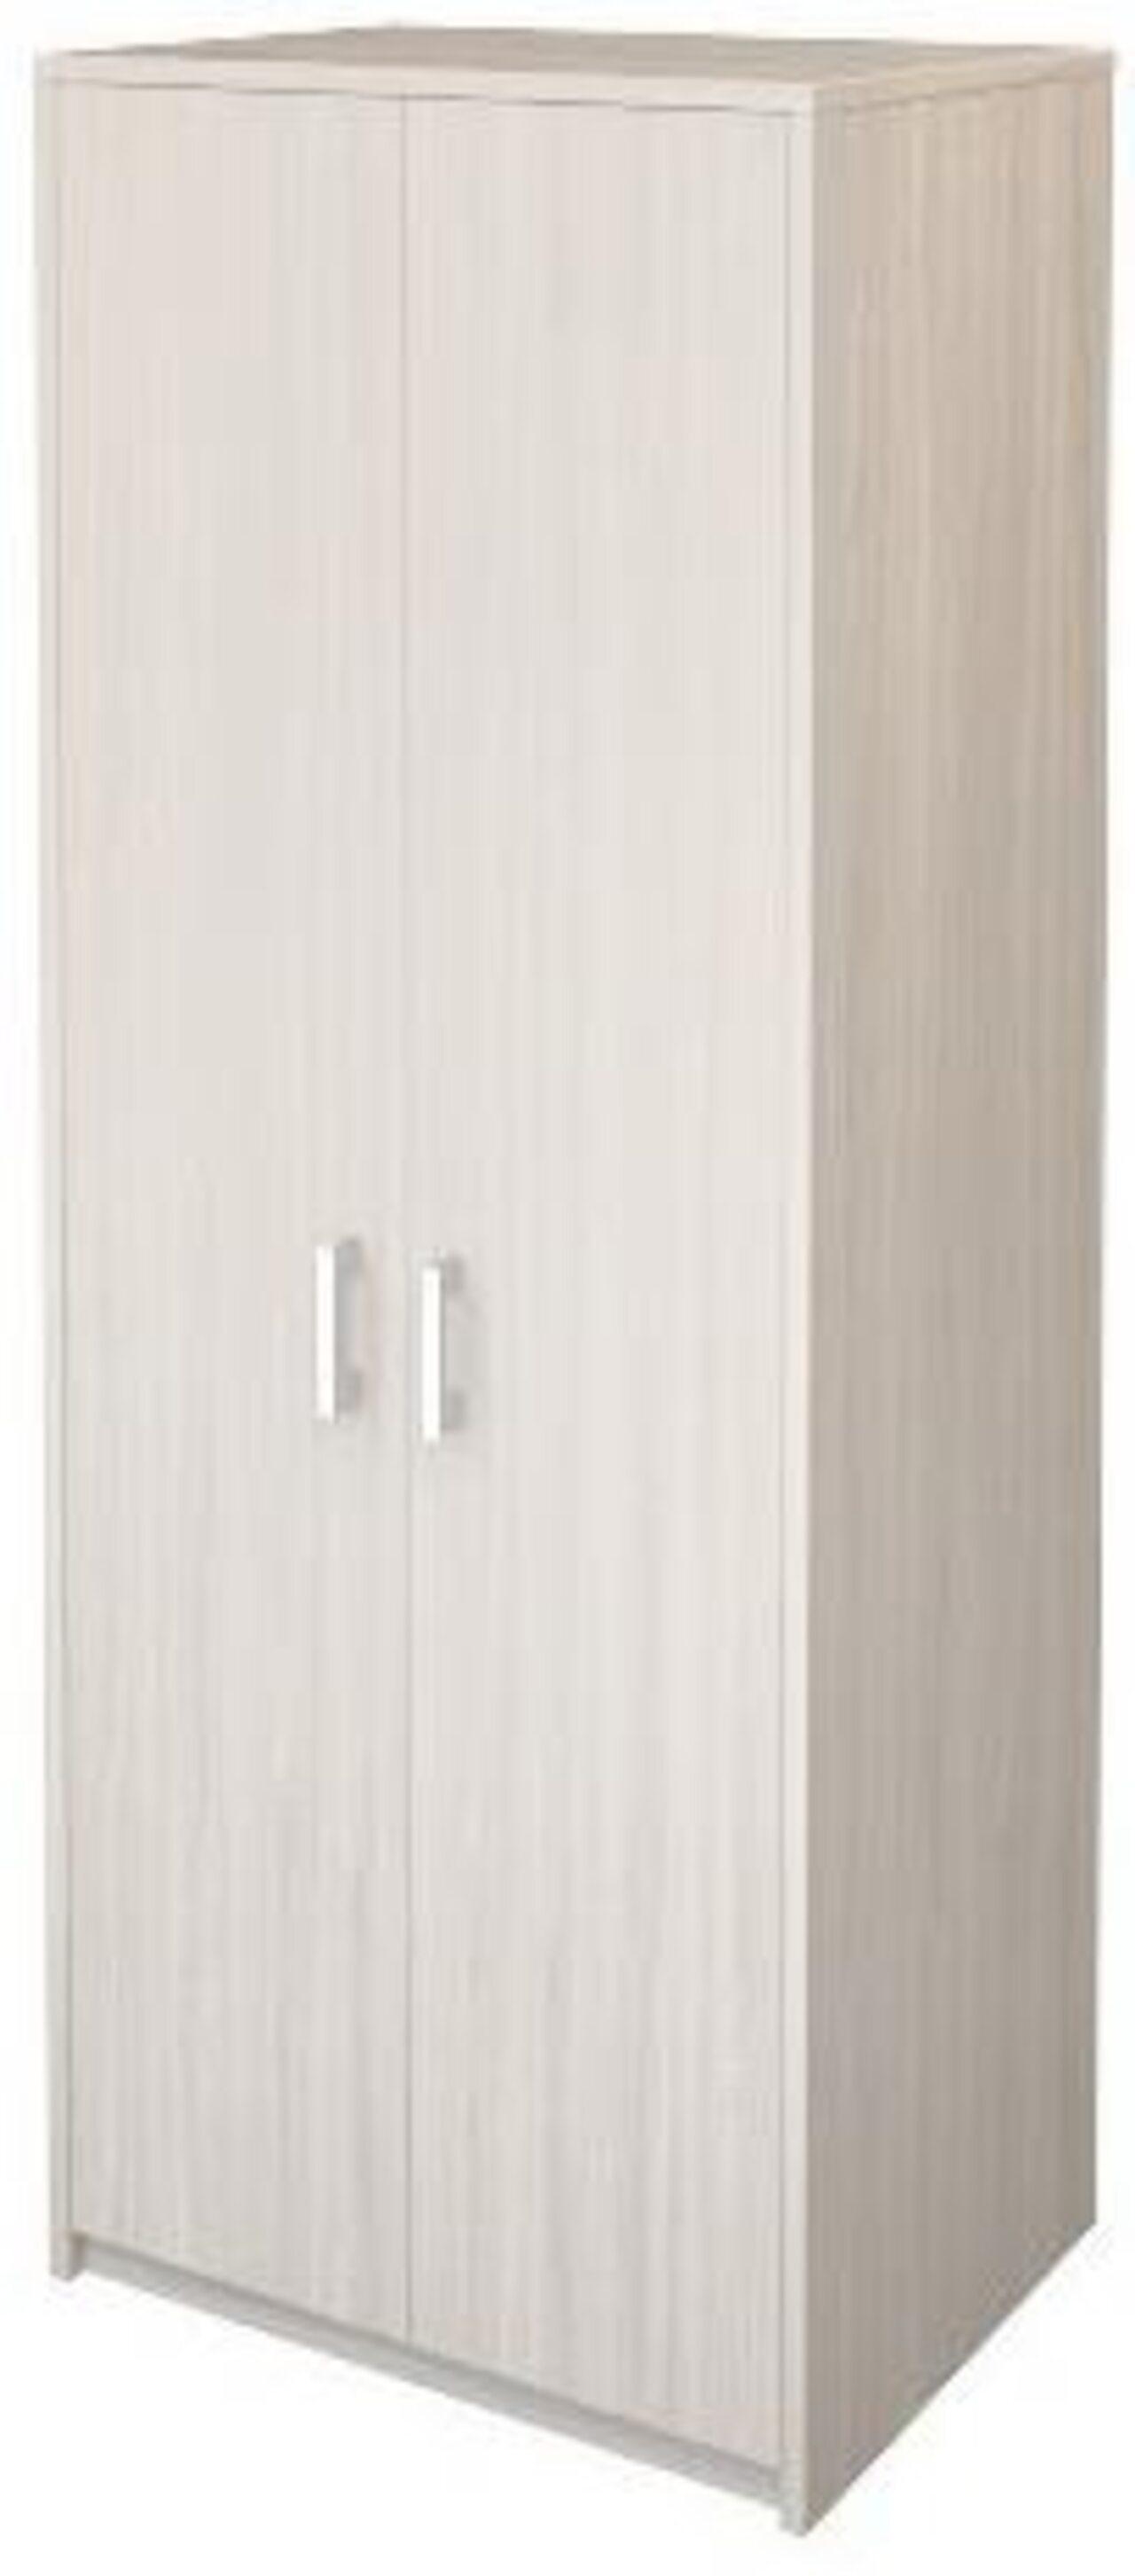 Шкаф для одежды  Арго 77x58x200 - фото 6